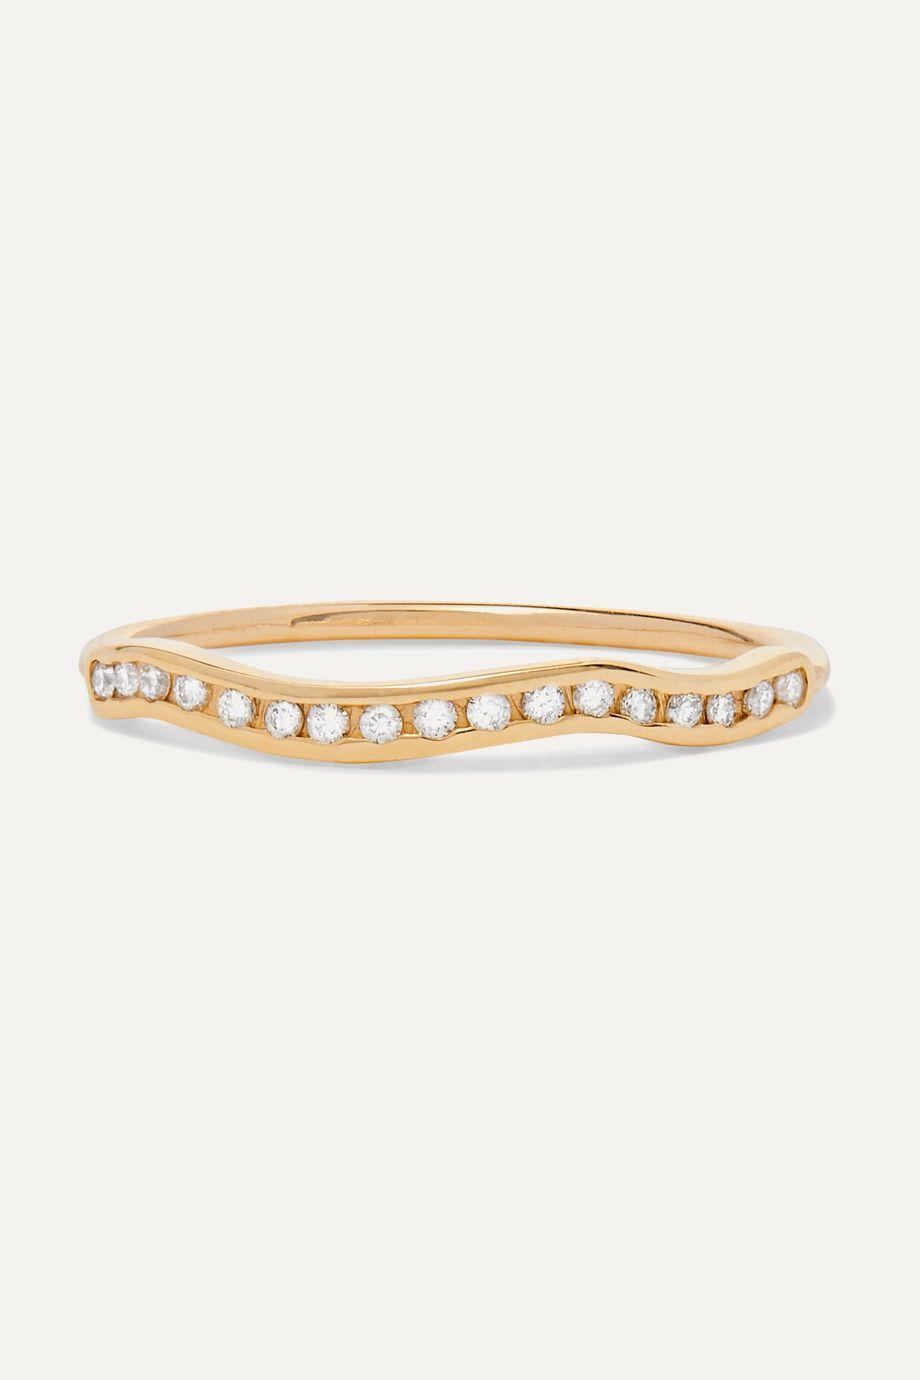 SARAH & SEBASTIAN Kintsugi Line Ring aus Gold mit Diamanten